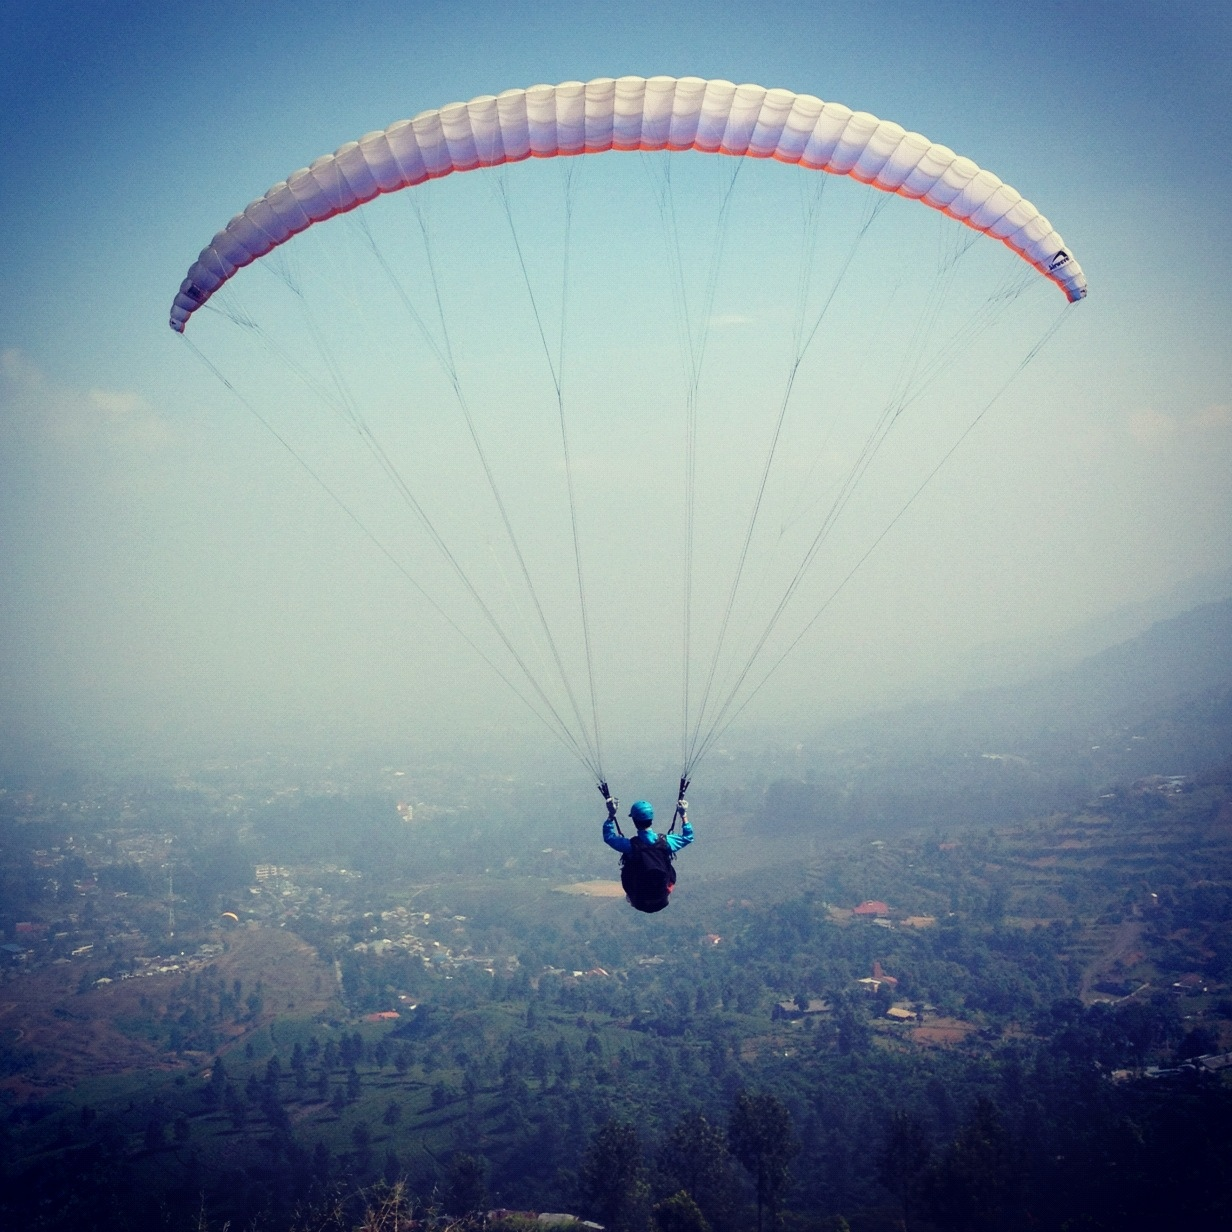 Paralayang Puncak 2017, Tiket Paralayang Puncak Paralayang atau dalam dikenal juga dengan nama paragliding merupakan jenis olahraga ekstrem yang sangat mengandalkan kekuatan angin dan bergantung pada kondisi cuaca. Puncak Bogor memiliki kondisi ketinggian yang ideal dan kekuatan angin yang mampu menerbangkan paraglider secara ideal. Itulah sebabnya, paralayang puncak 2017 Bogor tidak pernah sepi dari wisatawan dan para pecinta ketinggian yang ingin merasakan sensasi luar biasa dan menikmati Bogor dari atas ketinggian. Jika Anda sudah sering menghabiskan liburan di Bogor hanya untuk menikmati pemandangan puncak dari bawah dan merasakan kesejukan udara atau hanya mengunjungi kebun binatang Bogor bersama keluarga, mungkin kini saatnya Anda mencoba salah satu wisata ekstrem yang seru di Bogor yakni paralayang puncak 2017 yang kini makin populer. Anda akan merasakan aliran darah Anda semakin mendidih dan adrenalin yang semakin memuncak tapi Anda merasa sangat bersemangat ketika mulai menikmati keindahan Bogor dari atas. Paralayang Puncak 2017 Banyak wisatawan yang ingin mencoba pengalaman liburan yang berbeda di Bogor dan mencoba untuk terbang bebas. Banyak juga komunitas para pecinta ketinggian yang tidak ketinggalan ingin mencoba sensasi terbang dari atas langit Bogor. Ya, paralayang puncak 2017 menawarkan pengalaman liburan di Bogor yang berbeda. Walau olahraga ini tergolong ekstrem, keseruan dan kesenangan yang ditawarkan olahraga ini akan membuat liburan Anda di Bogor benar-benar berbeda. Lihat Juga : Tempat Wisata Murah Indonesia Jika Anda sudah berpengalaman, maka tidak ada salahnya untuk mencoba single paralayang. Artinya, Anda akan terbang solo. Untuk yang satu ini, Anda harus memiliki sertifikat dan telah resmi dinyatakan lulus pelajaran penerbangan paralayang. Sedangkan jika Anda tidak memiliki pengalaman atau baru pertama kali mencoba, Anda bisa mencoba tandem paralayang di puncak Bogor. Tandem paralayang memberikan Anda banyak kesempatan untuk terbang dan be